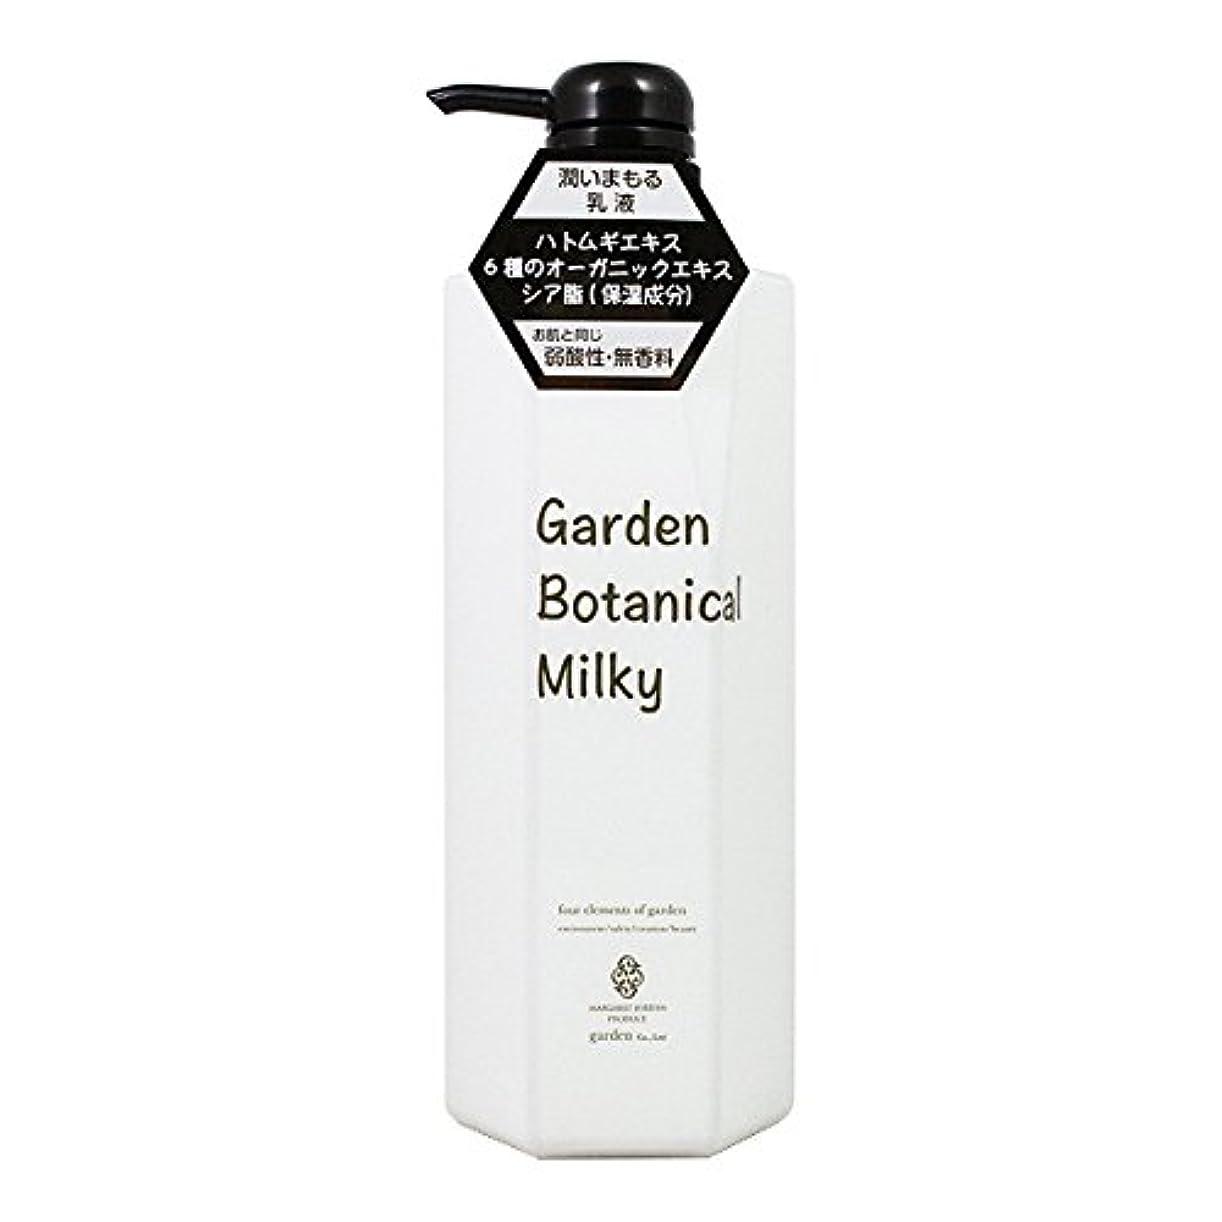 ハチアラブ人充電ガーデン ガーデン ボタニカルミルキー 600ml